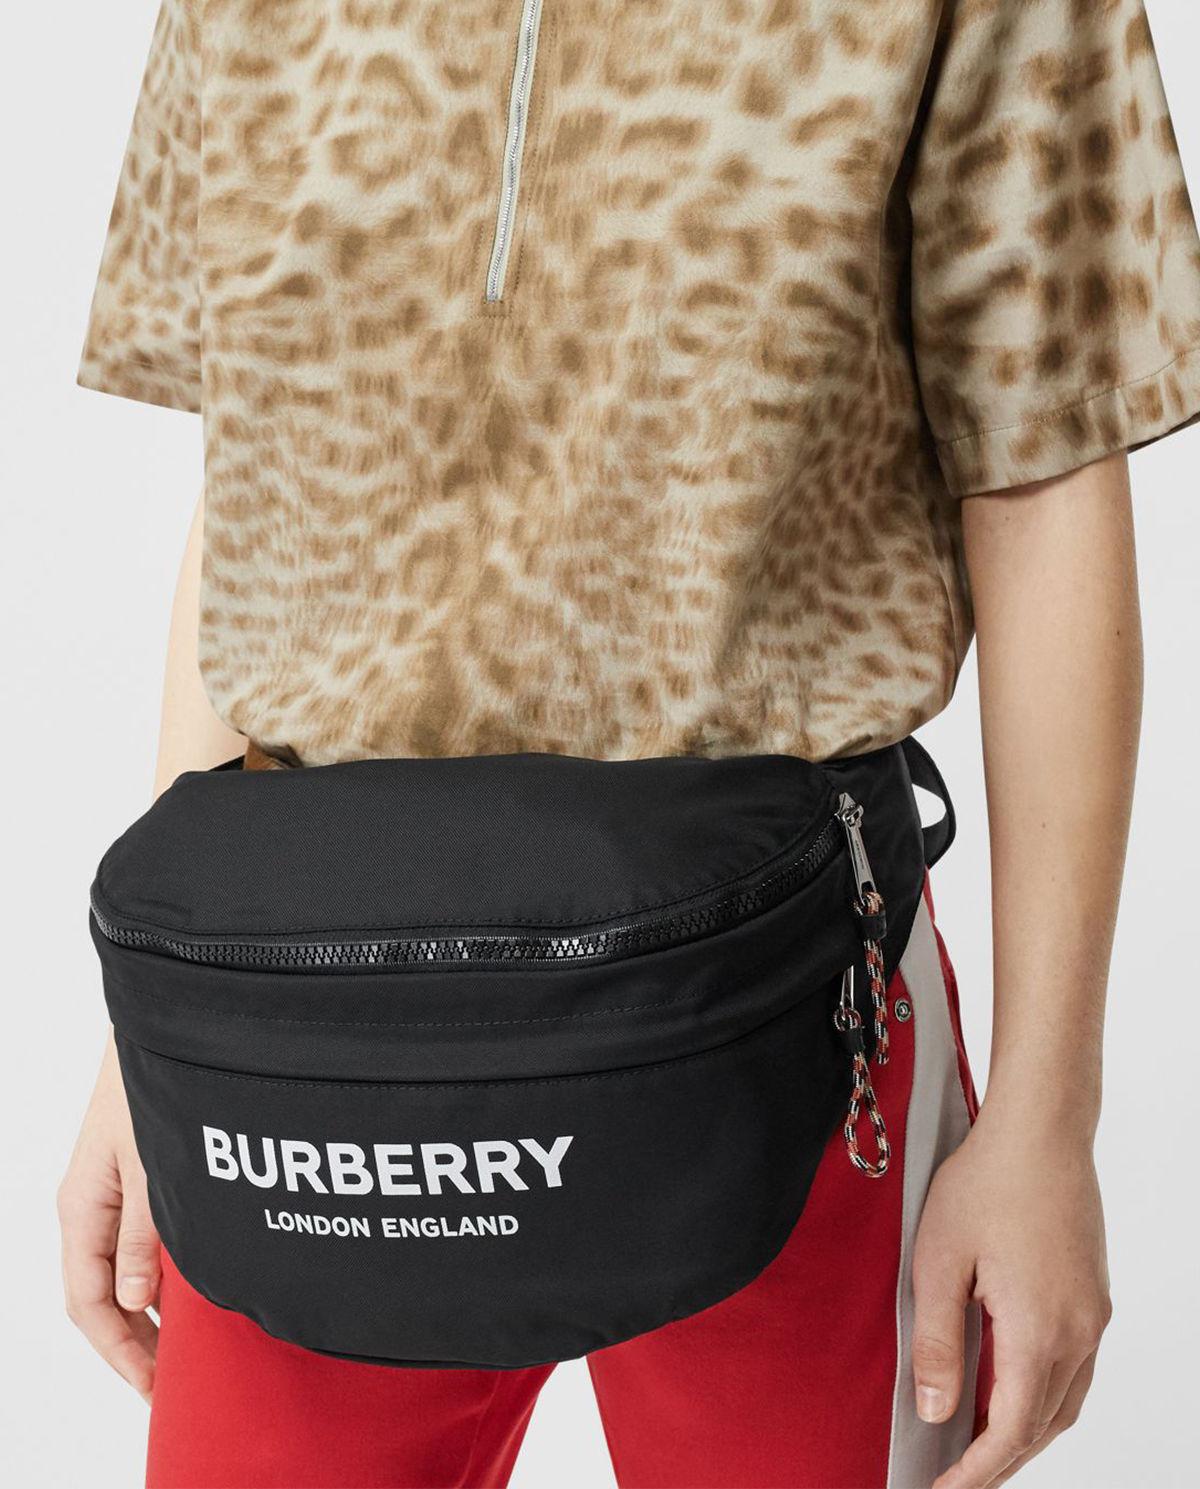 Plecakonerka Burberry